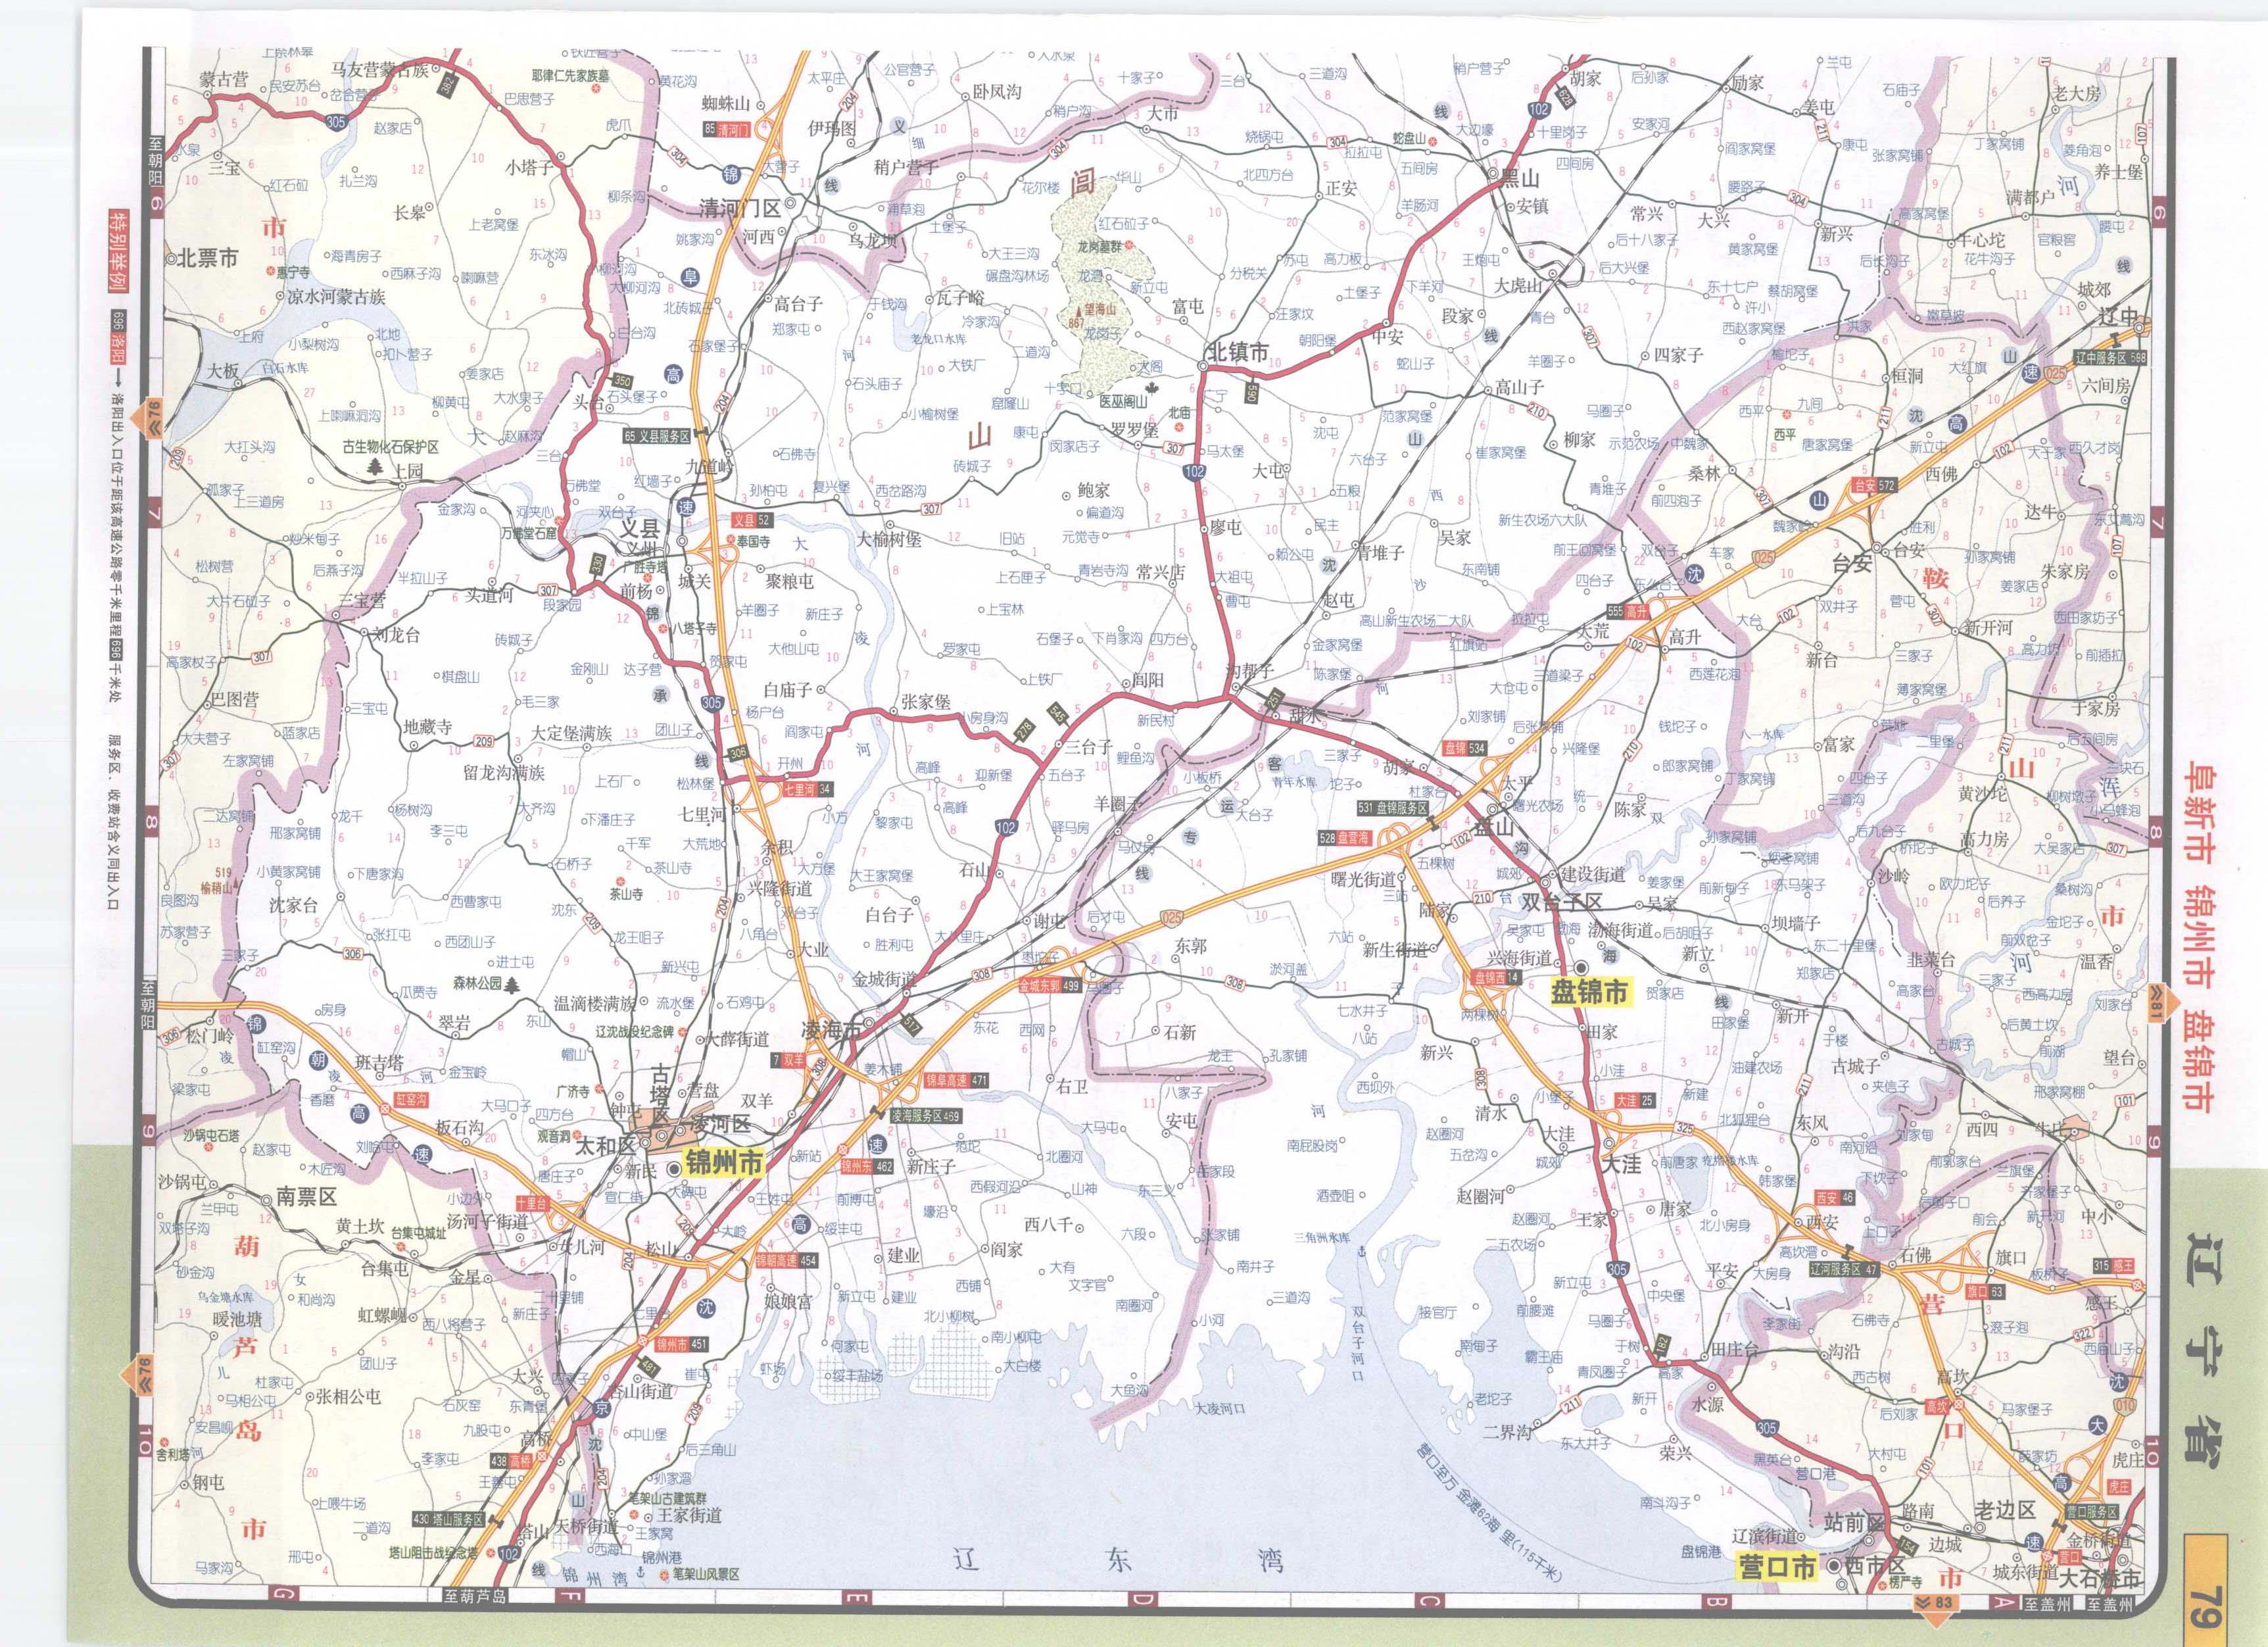 辽宁省阜新市锦州市盘锦市高速公路网地图_交通地图 ...